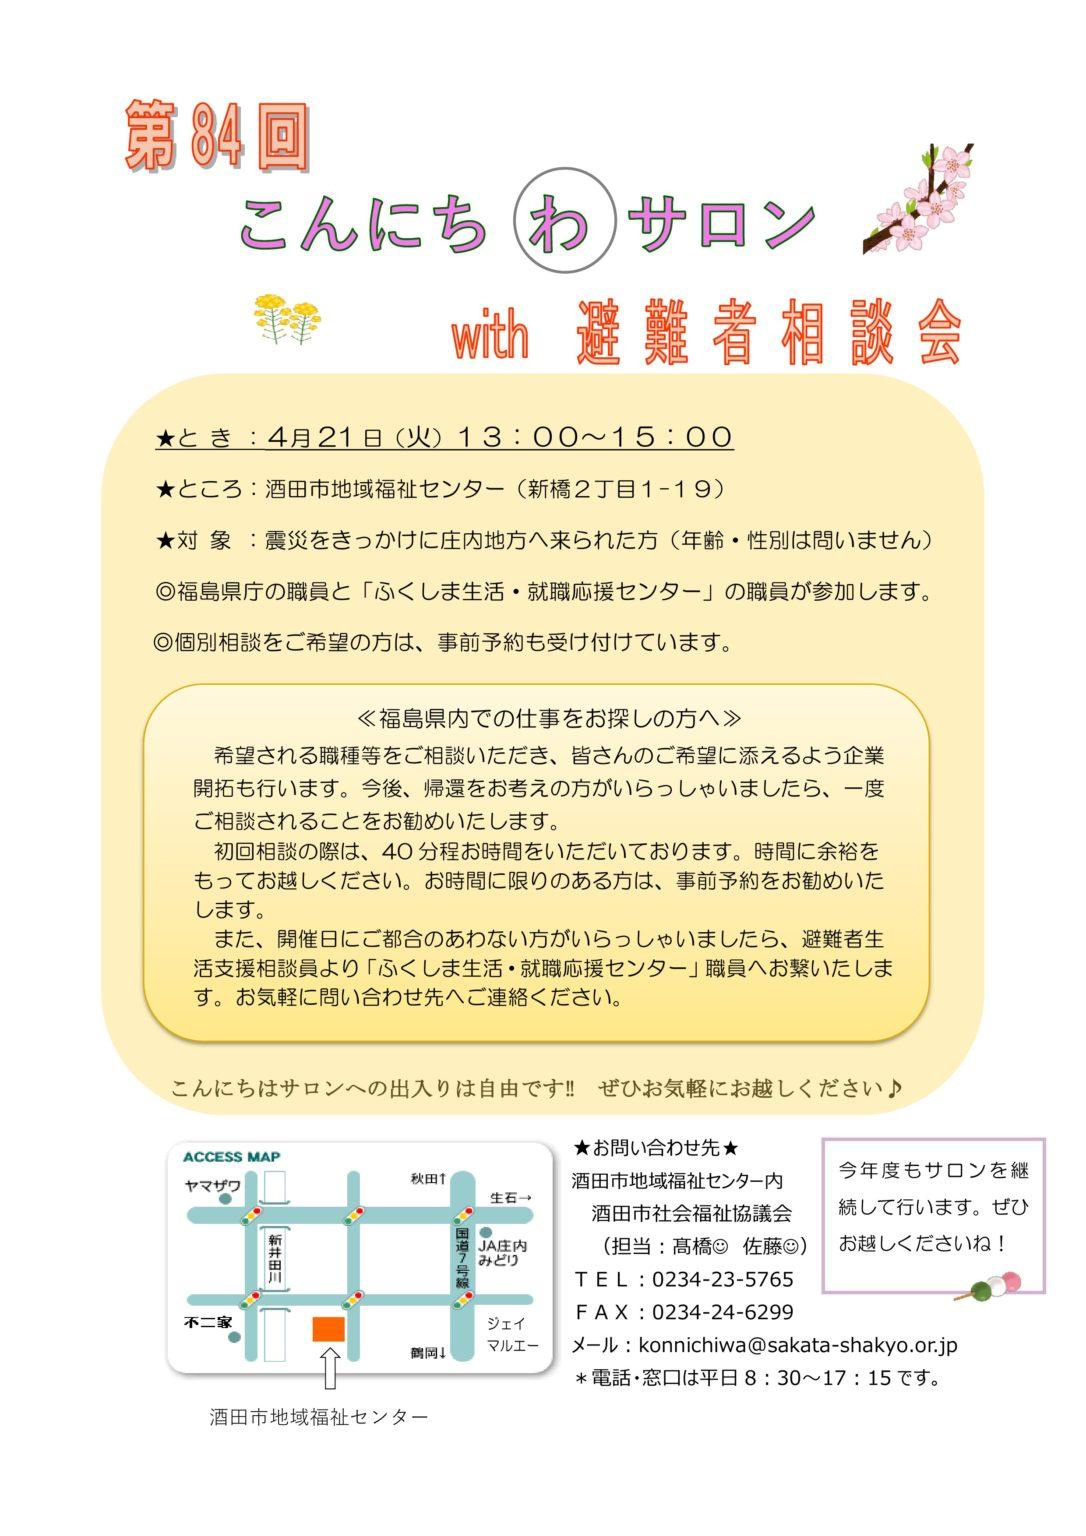 第84回 こんにちわサロン with 避難者相談会